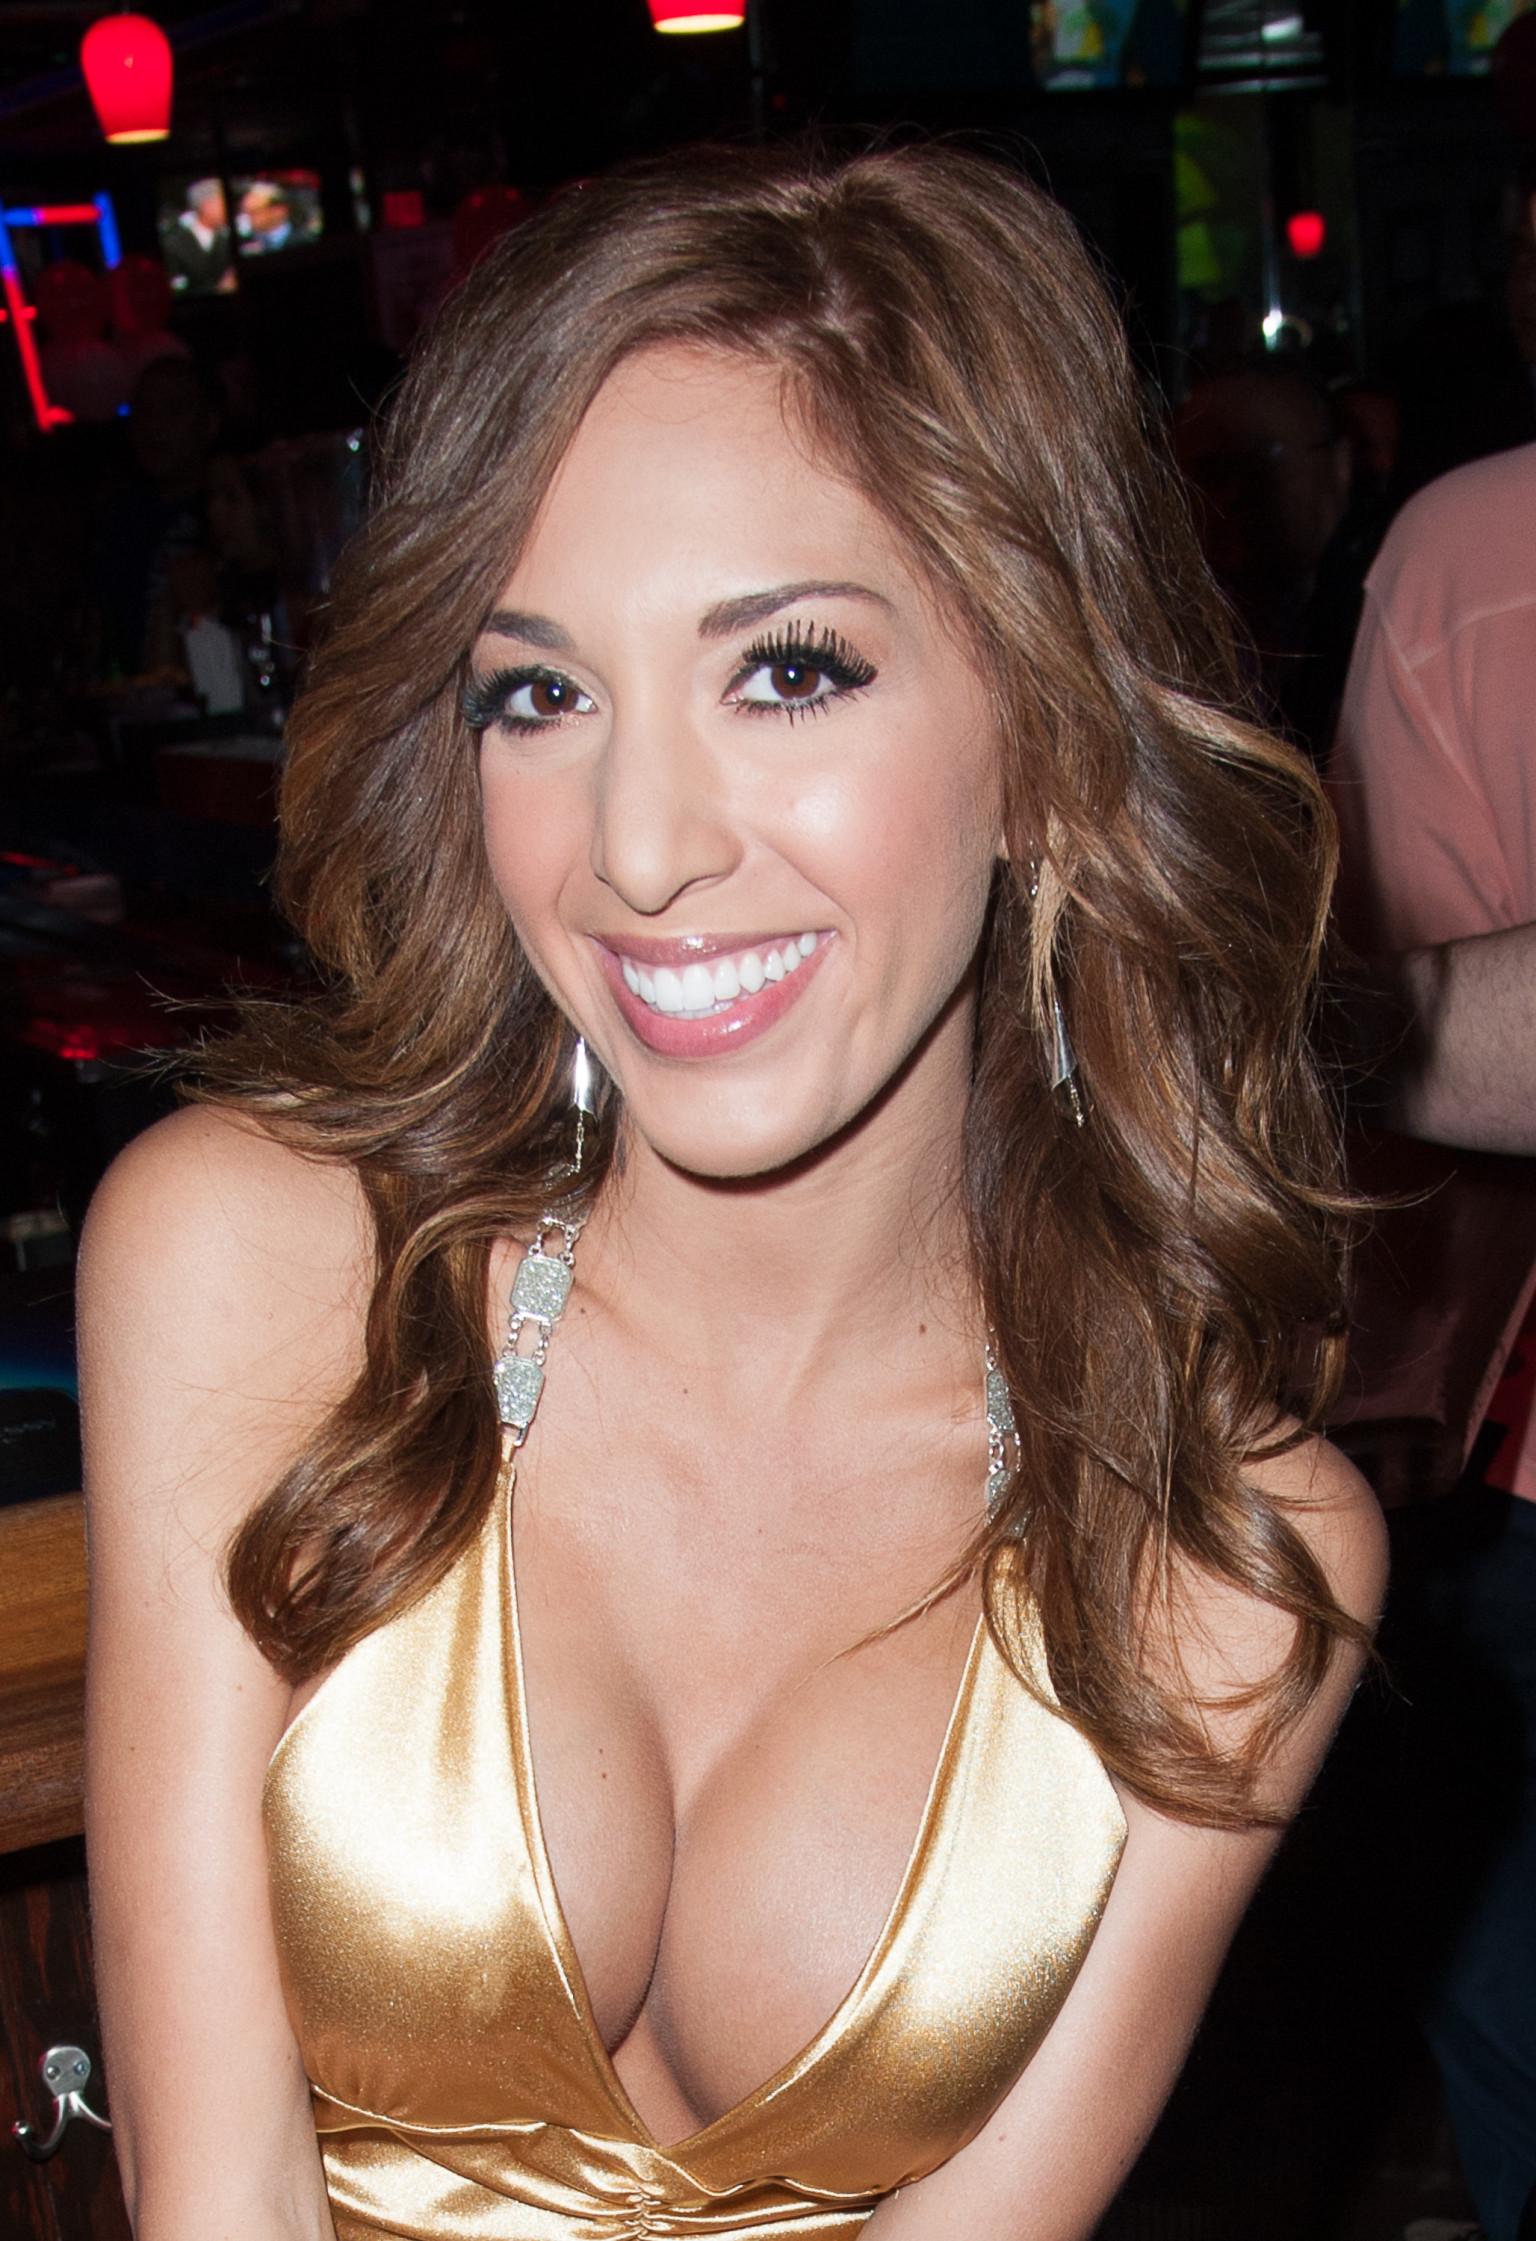 porn actress of playboy